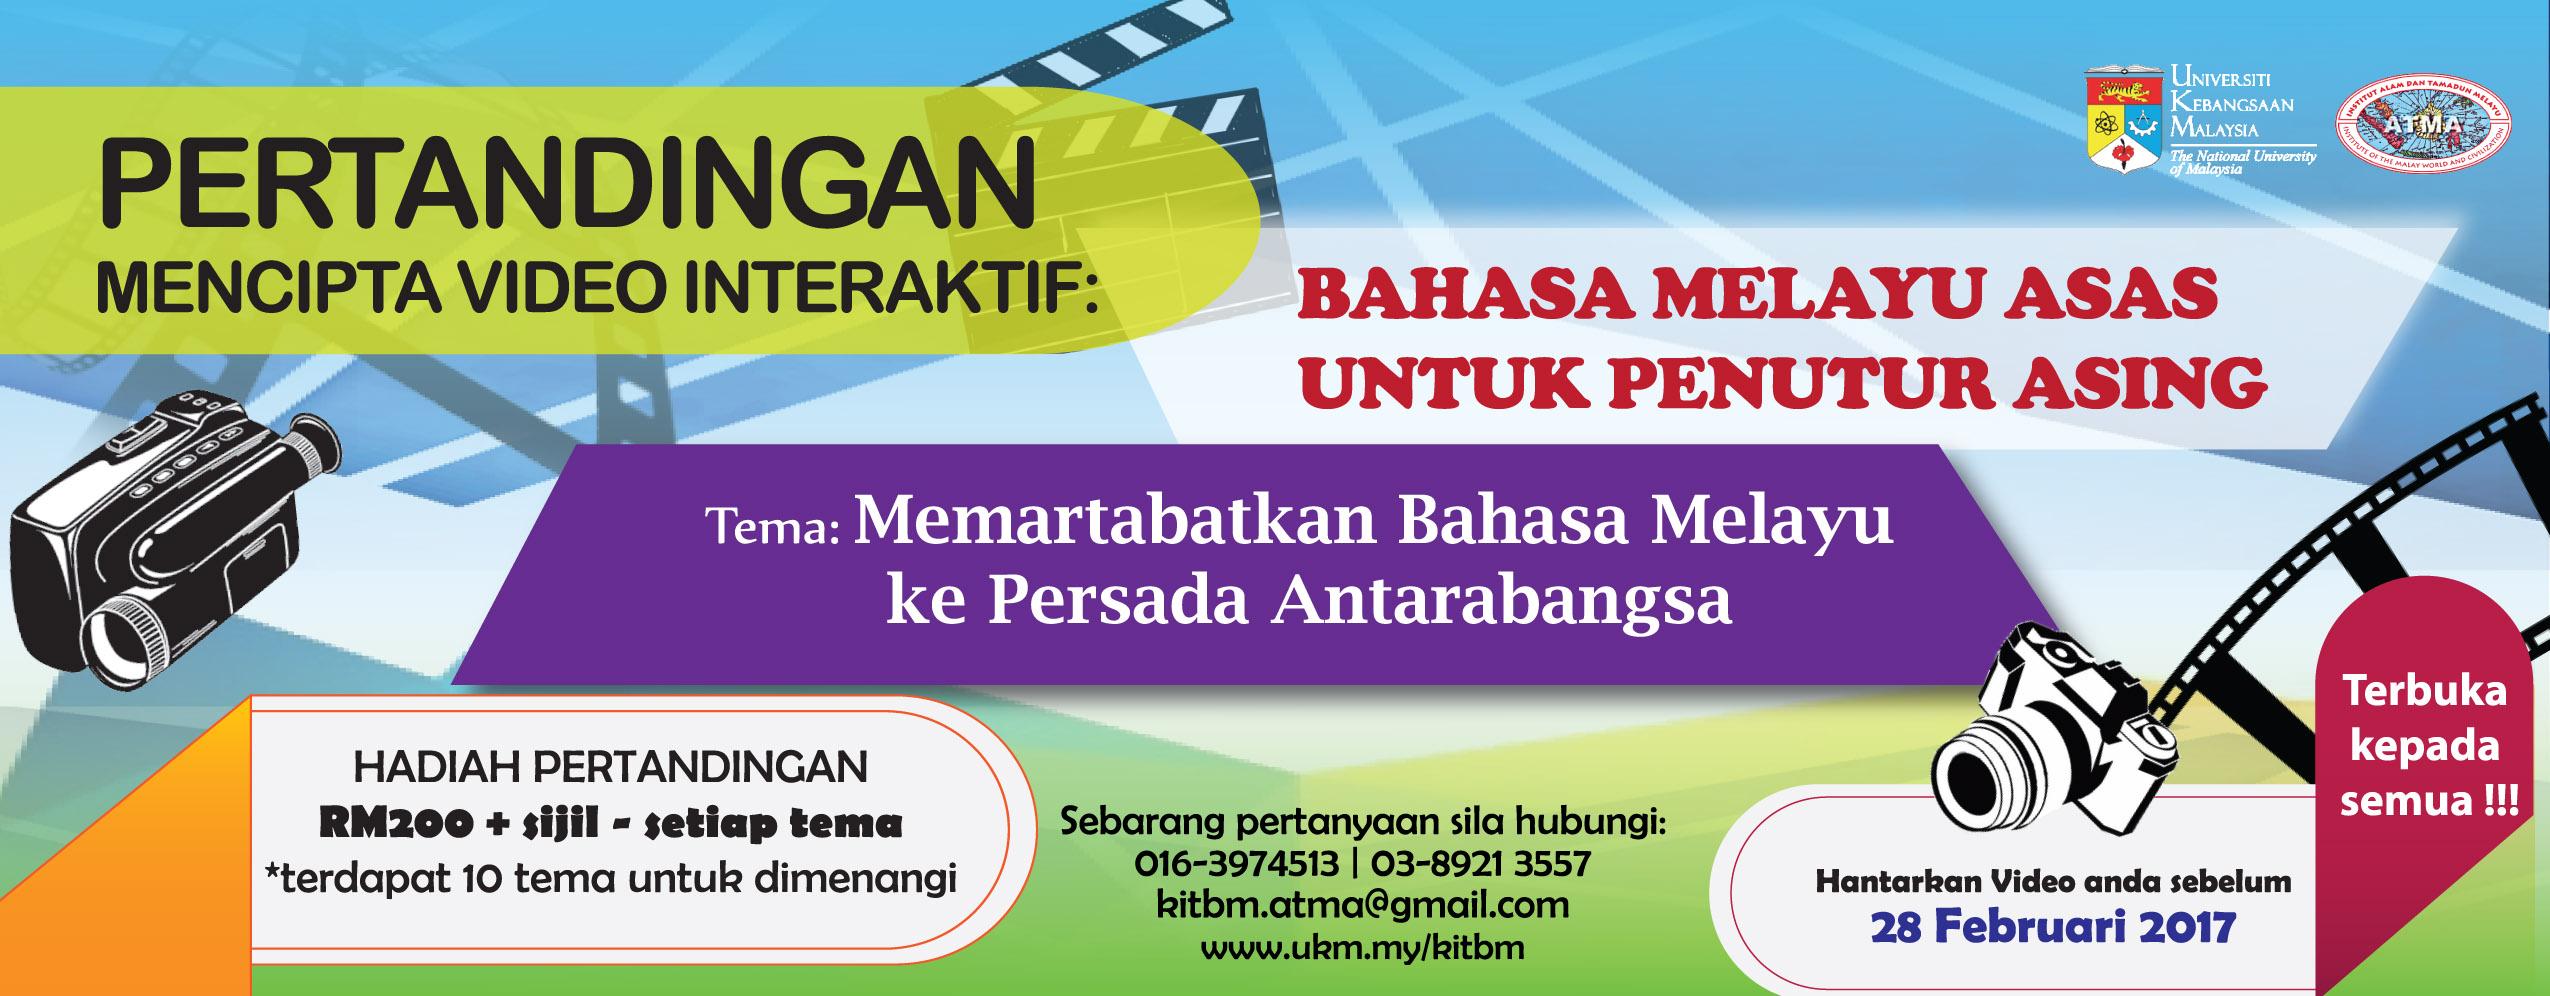 Pertandingan Mencipta Video Interaktif Bahasa Melayu Asas Untuk Penutur Asing